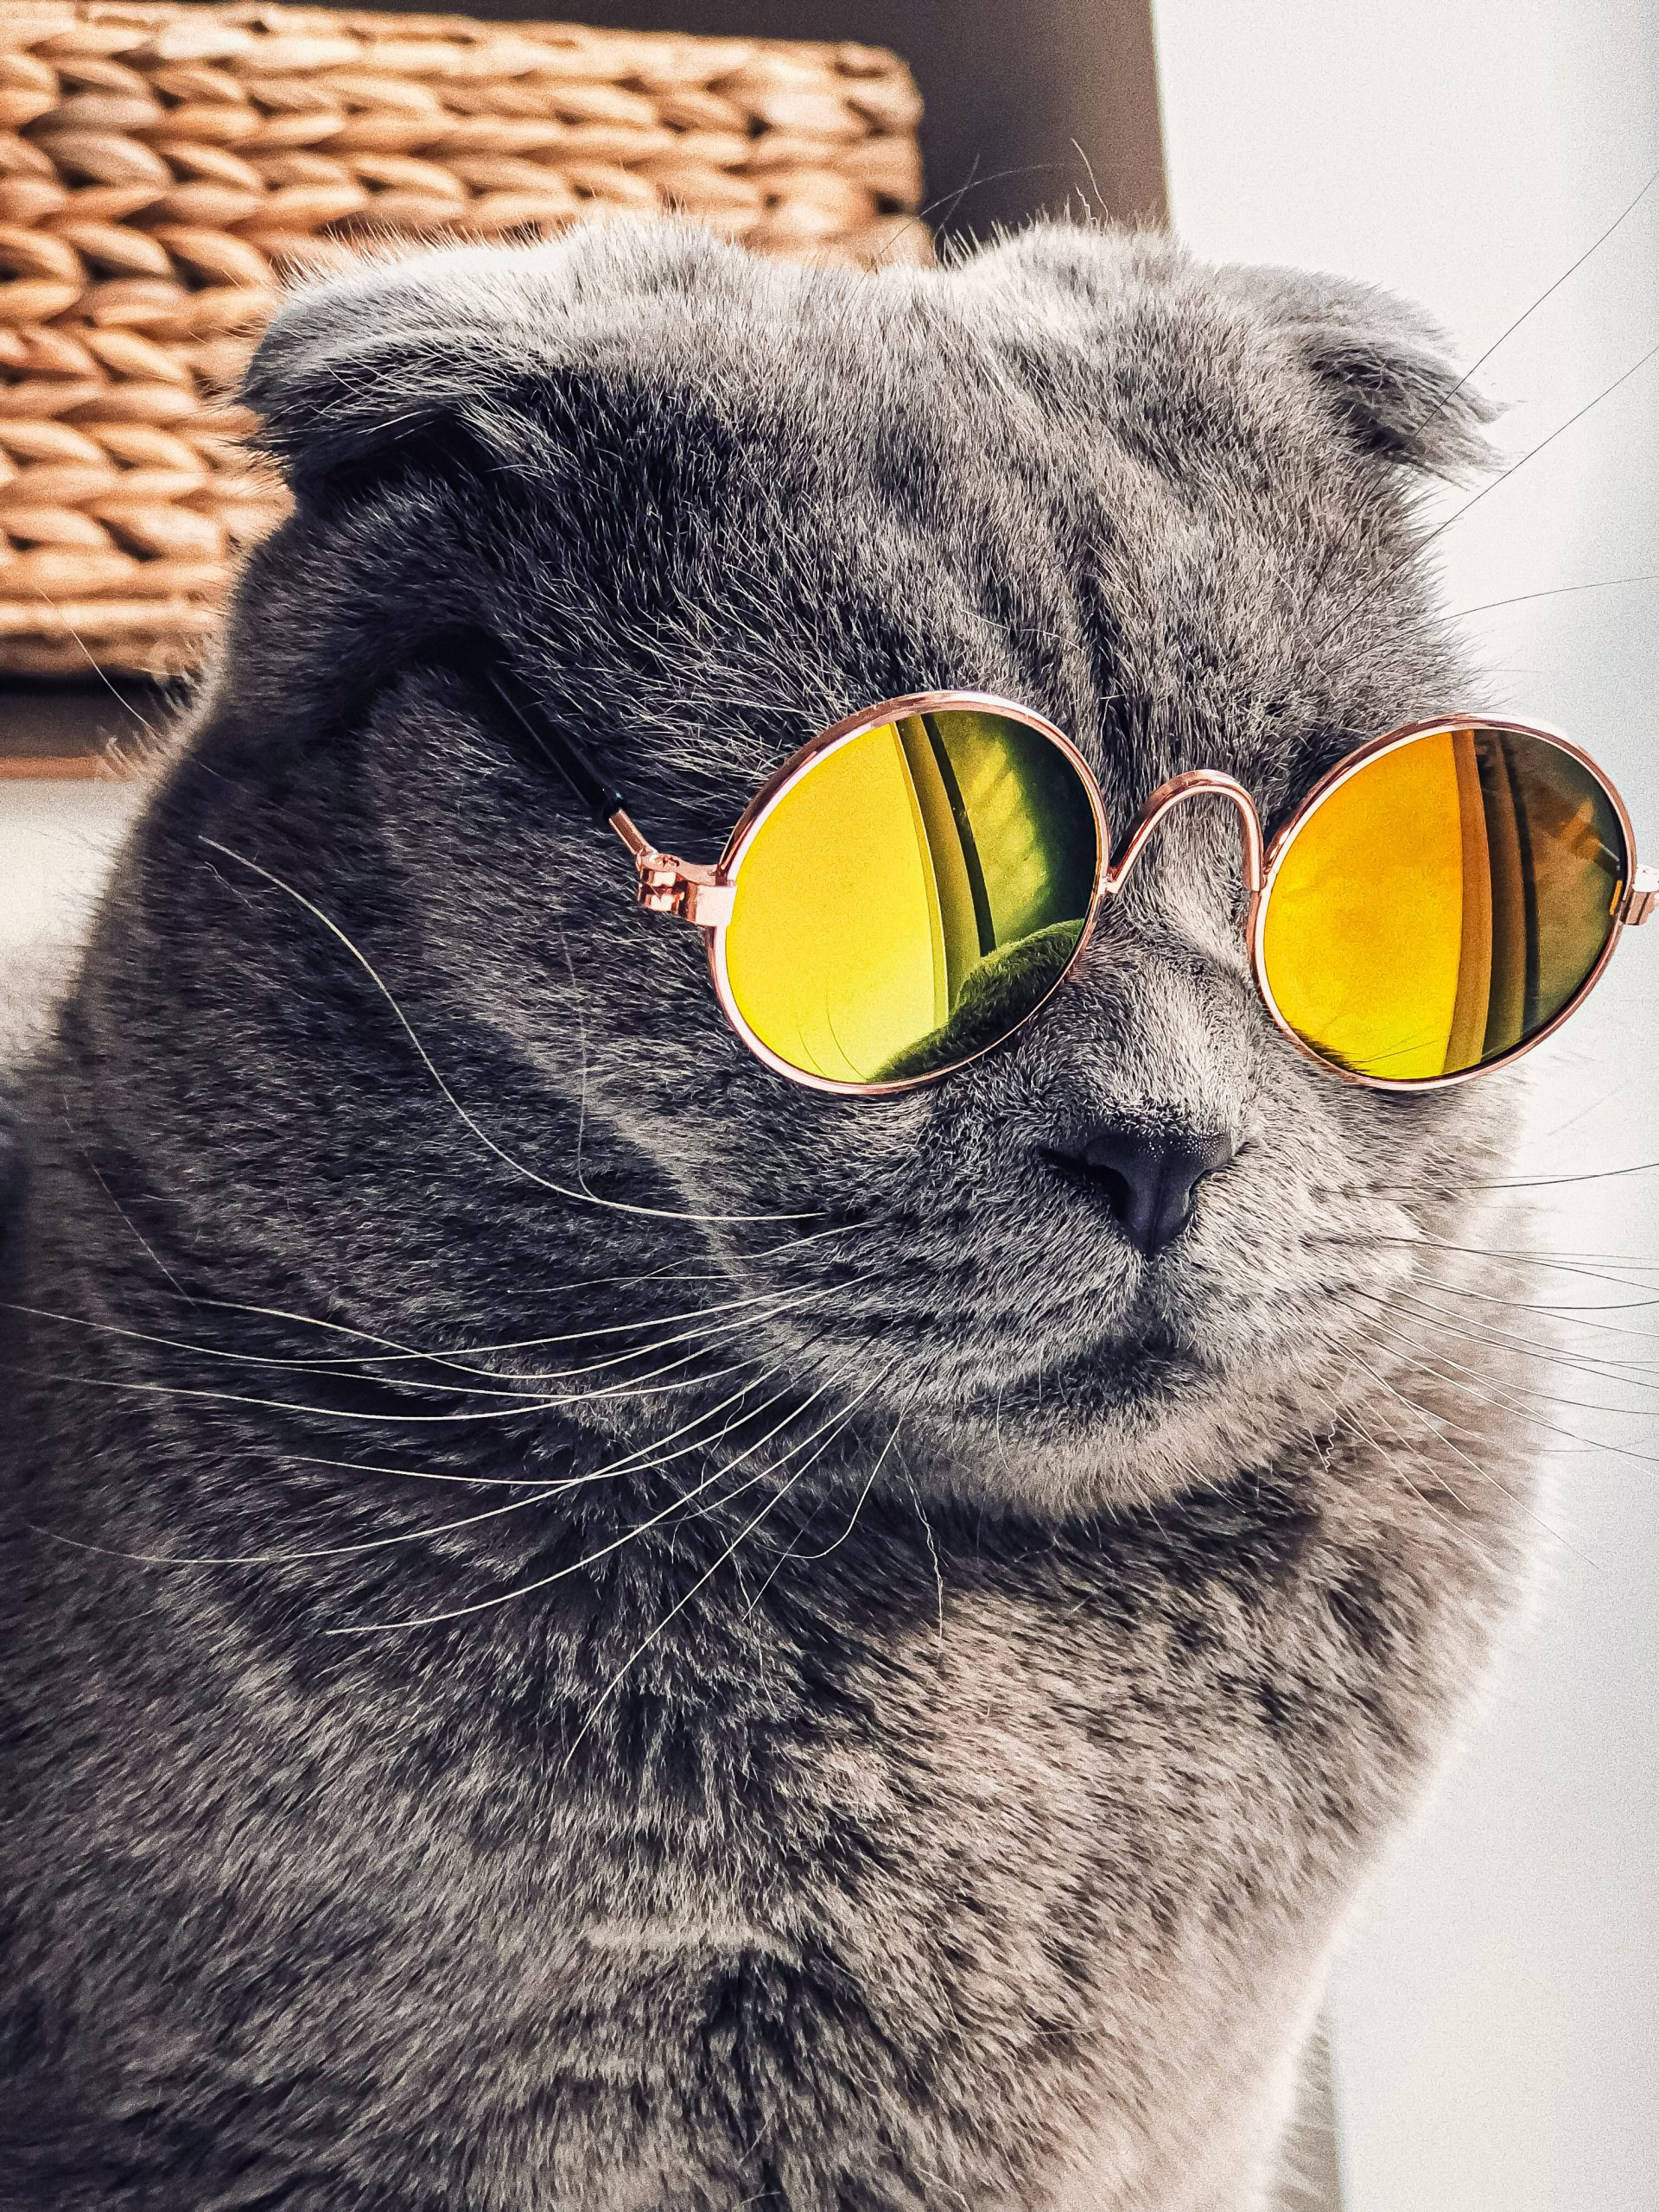 Kucing Lucu Pakai kacamata Bulat